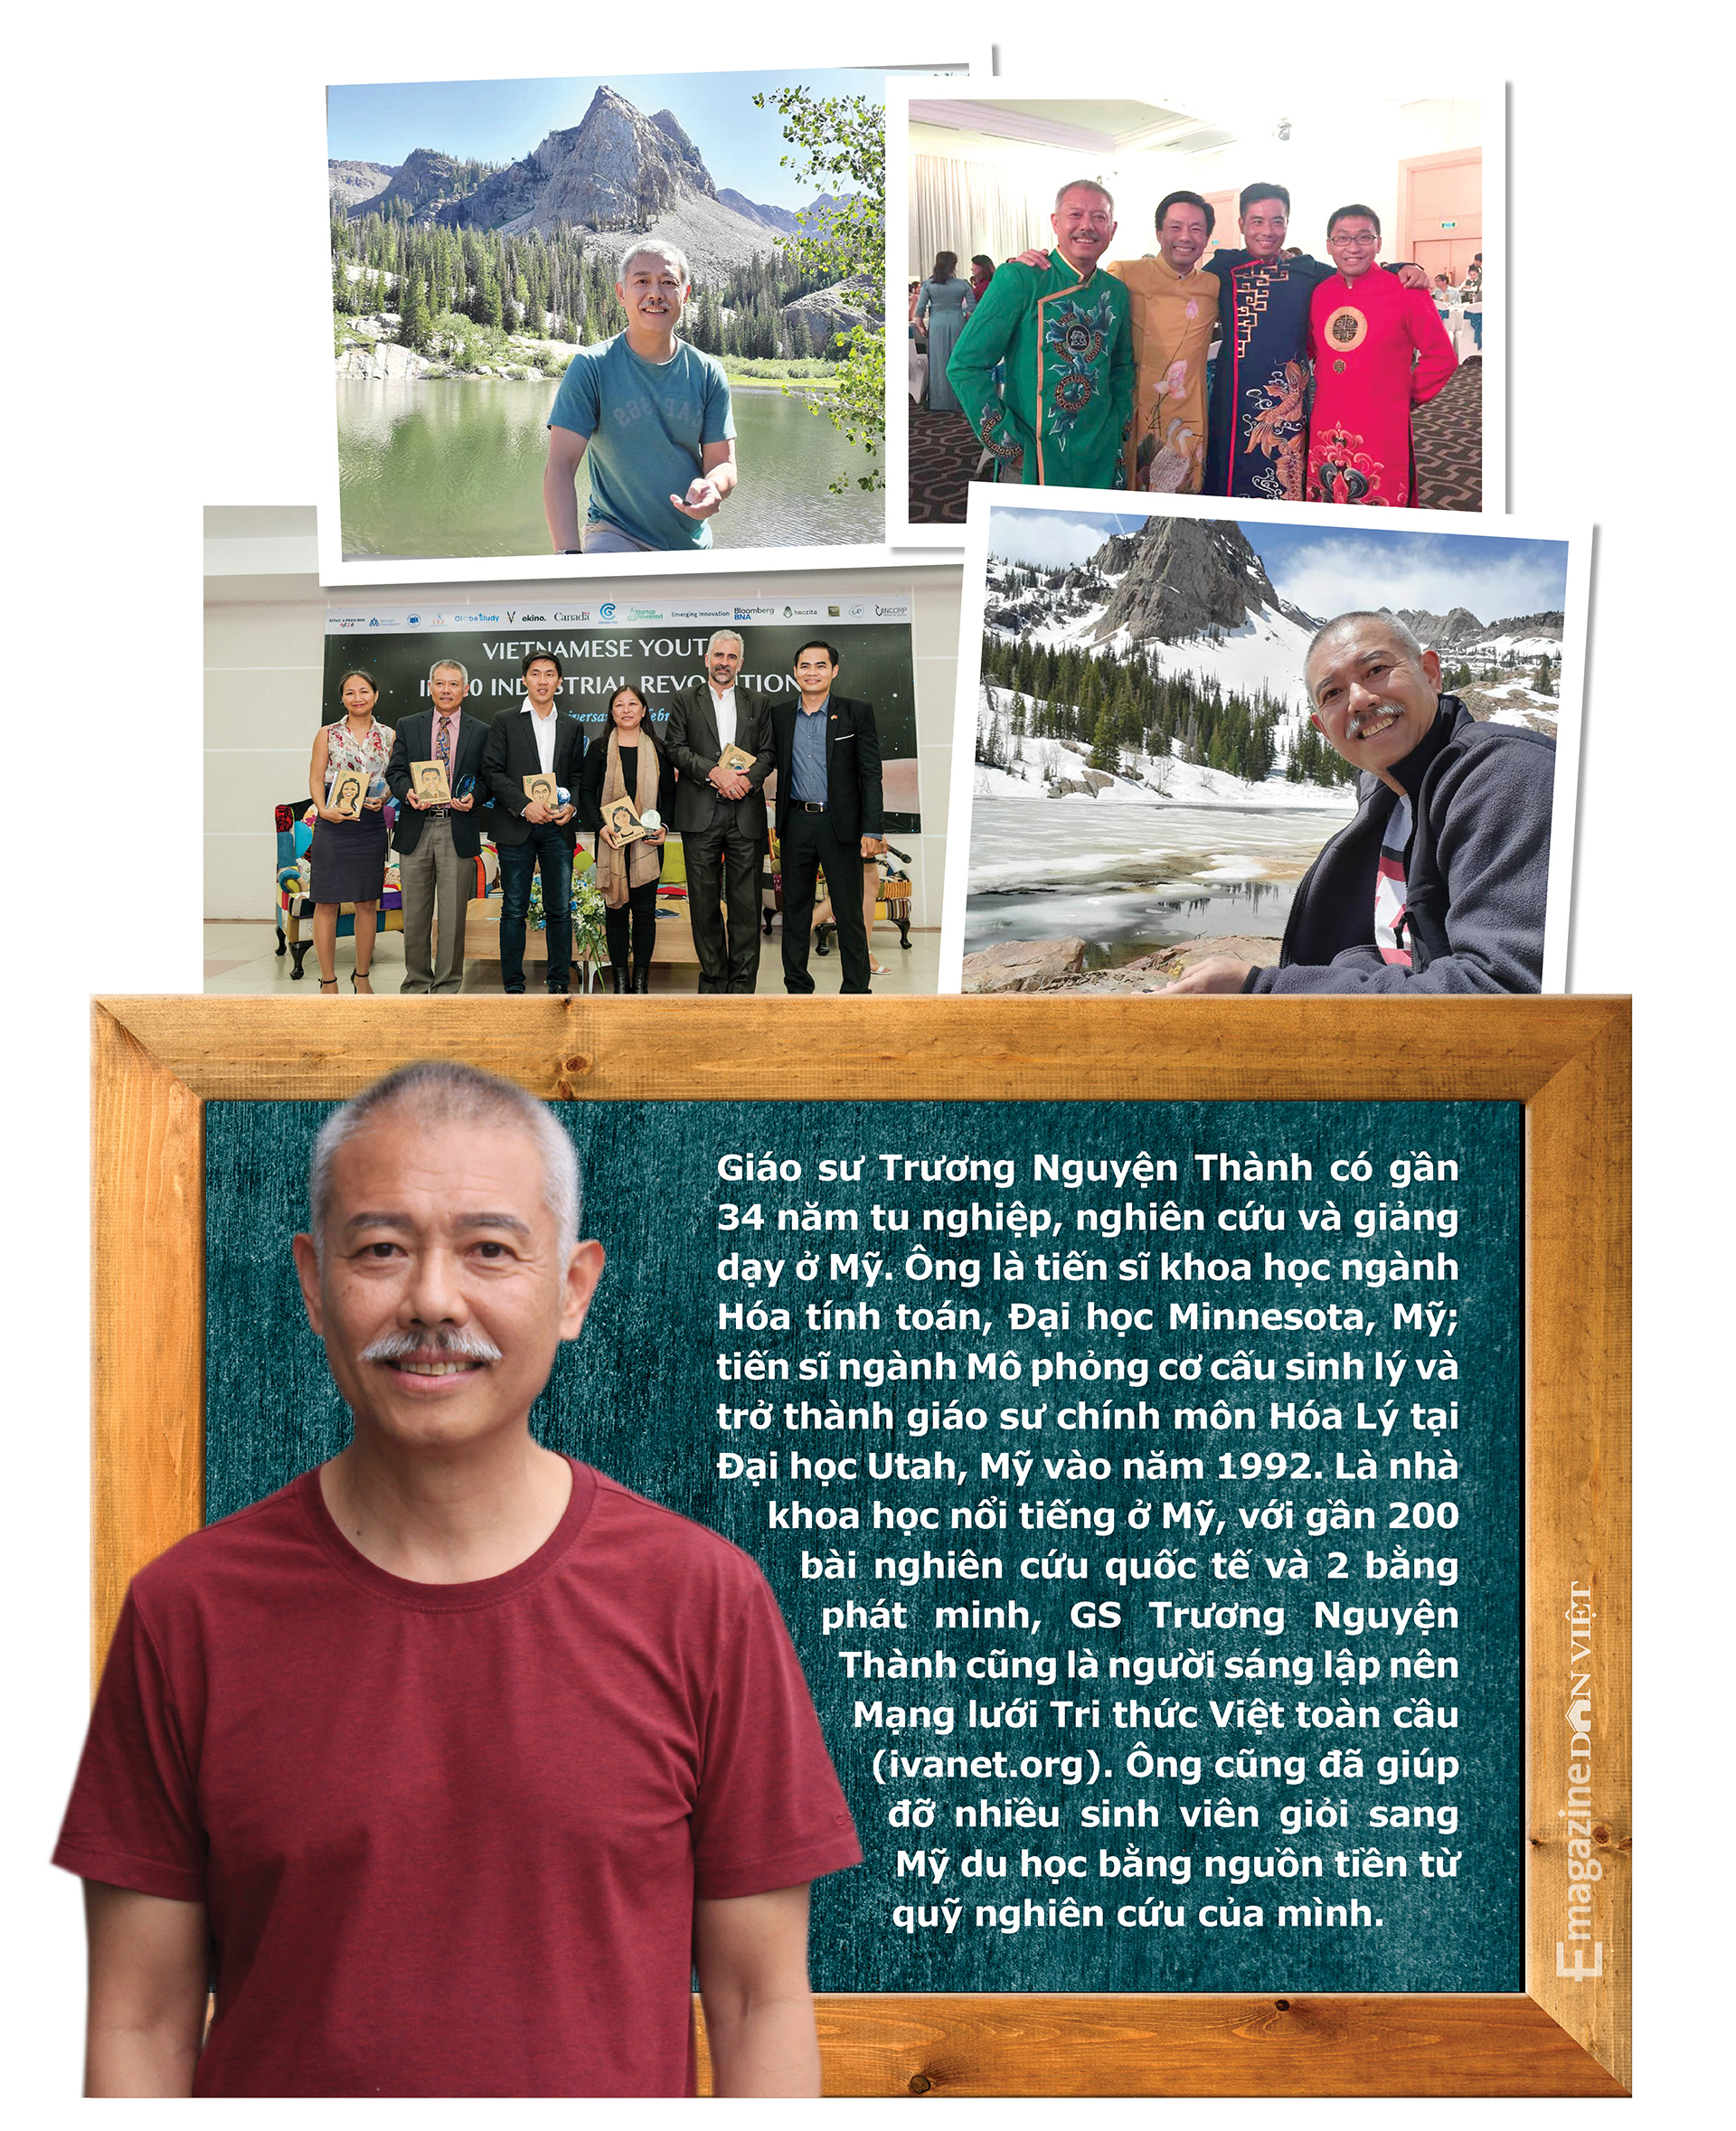 """Giáo sư """"quần đùi"""" Trương Nguyện Thành: """"Xóa học"""" để không đi theo lối mòn trong khoa học và tư duy - Ảnh 15."""